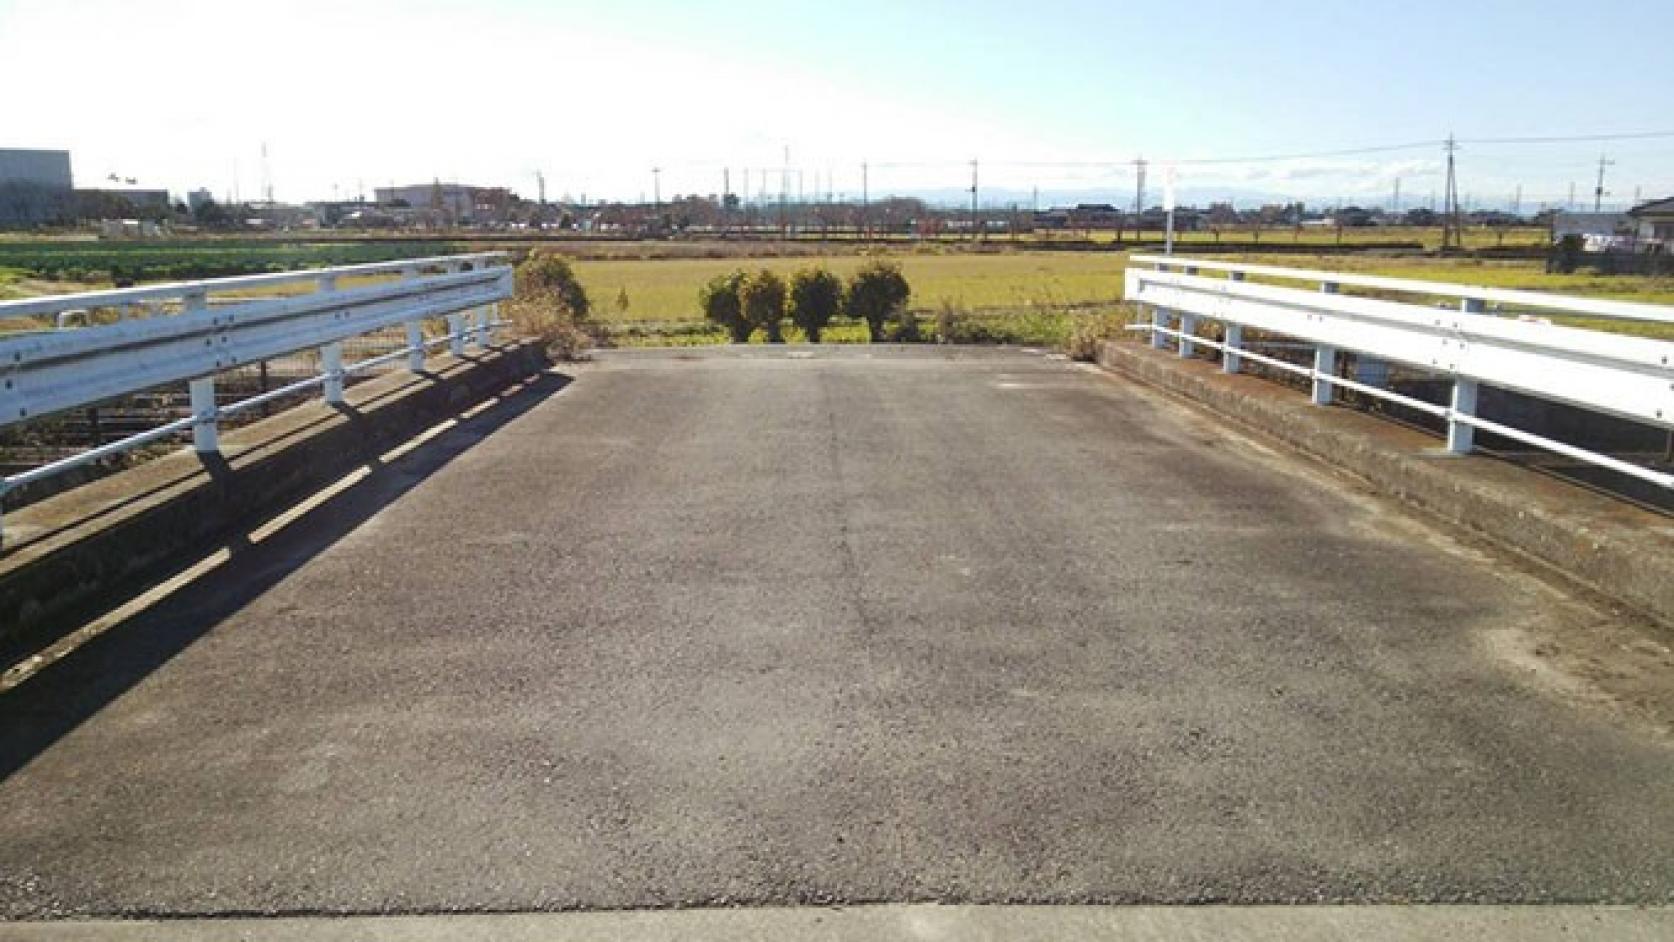 【実施報告】ブリッジ工房橋梁イベント~加須市の橋梁清掃から橋梁維持管理を学ぶ~ 11月23日(金・祝)に加須市橋梁清掃大作戦を実施しました。